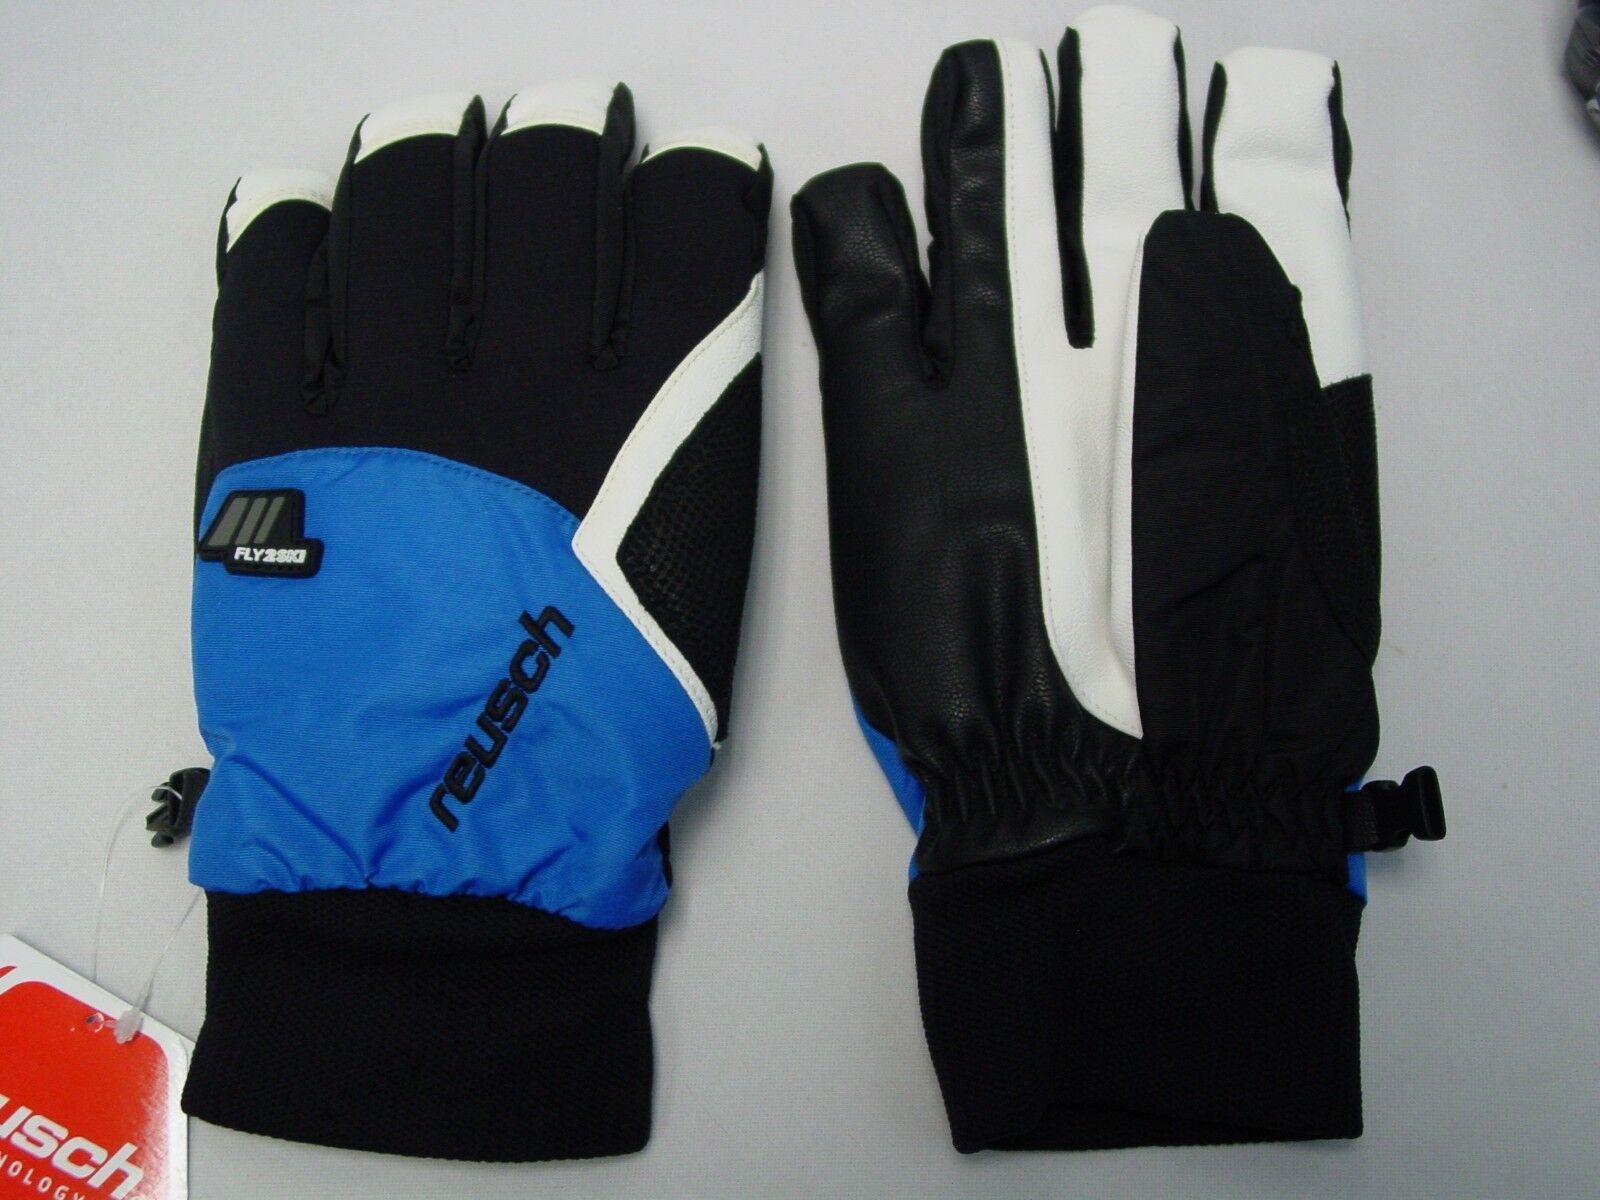 Neu Reusch Snowboard Rtexxt Leder Palmen Handschuhe Medium (8.5) Engadin 4202207